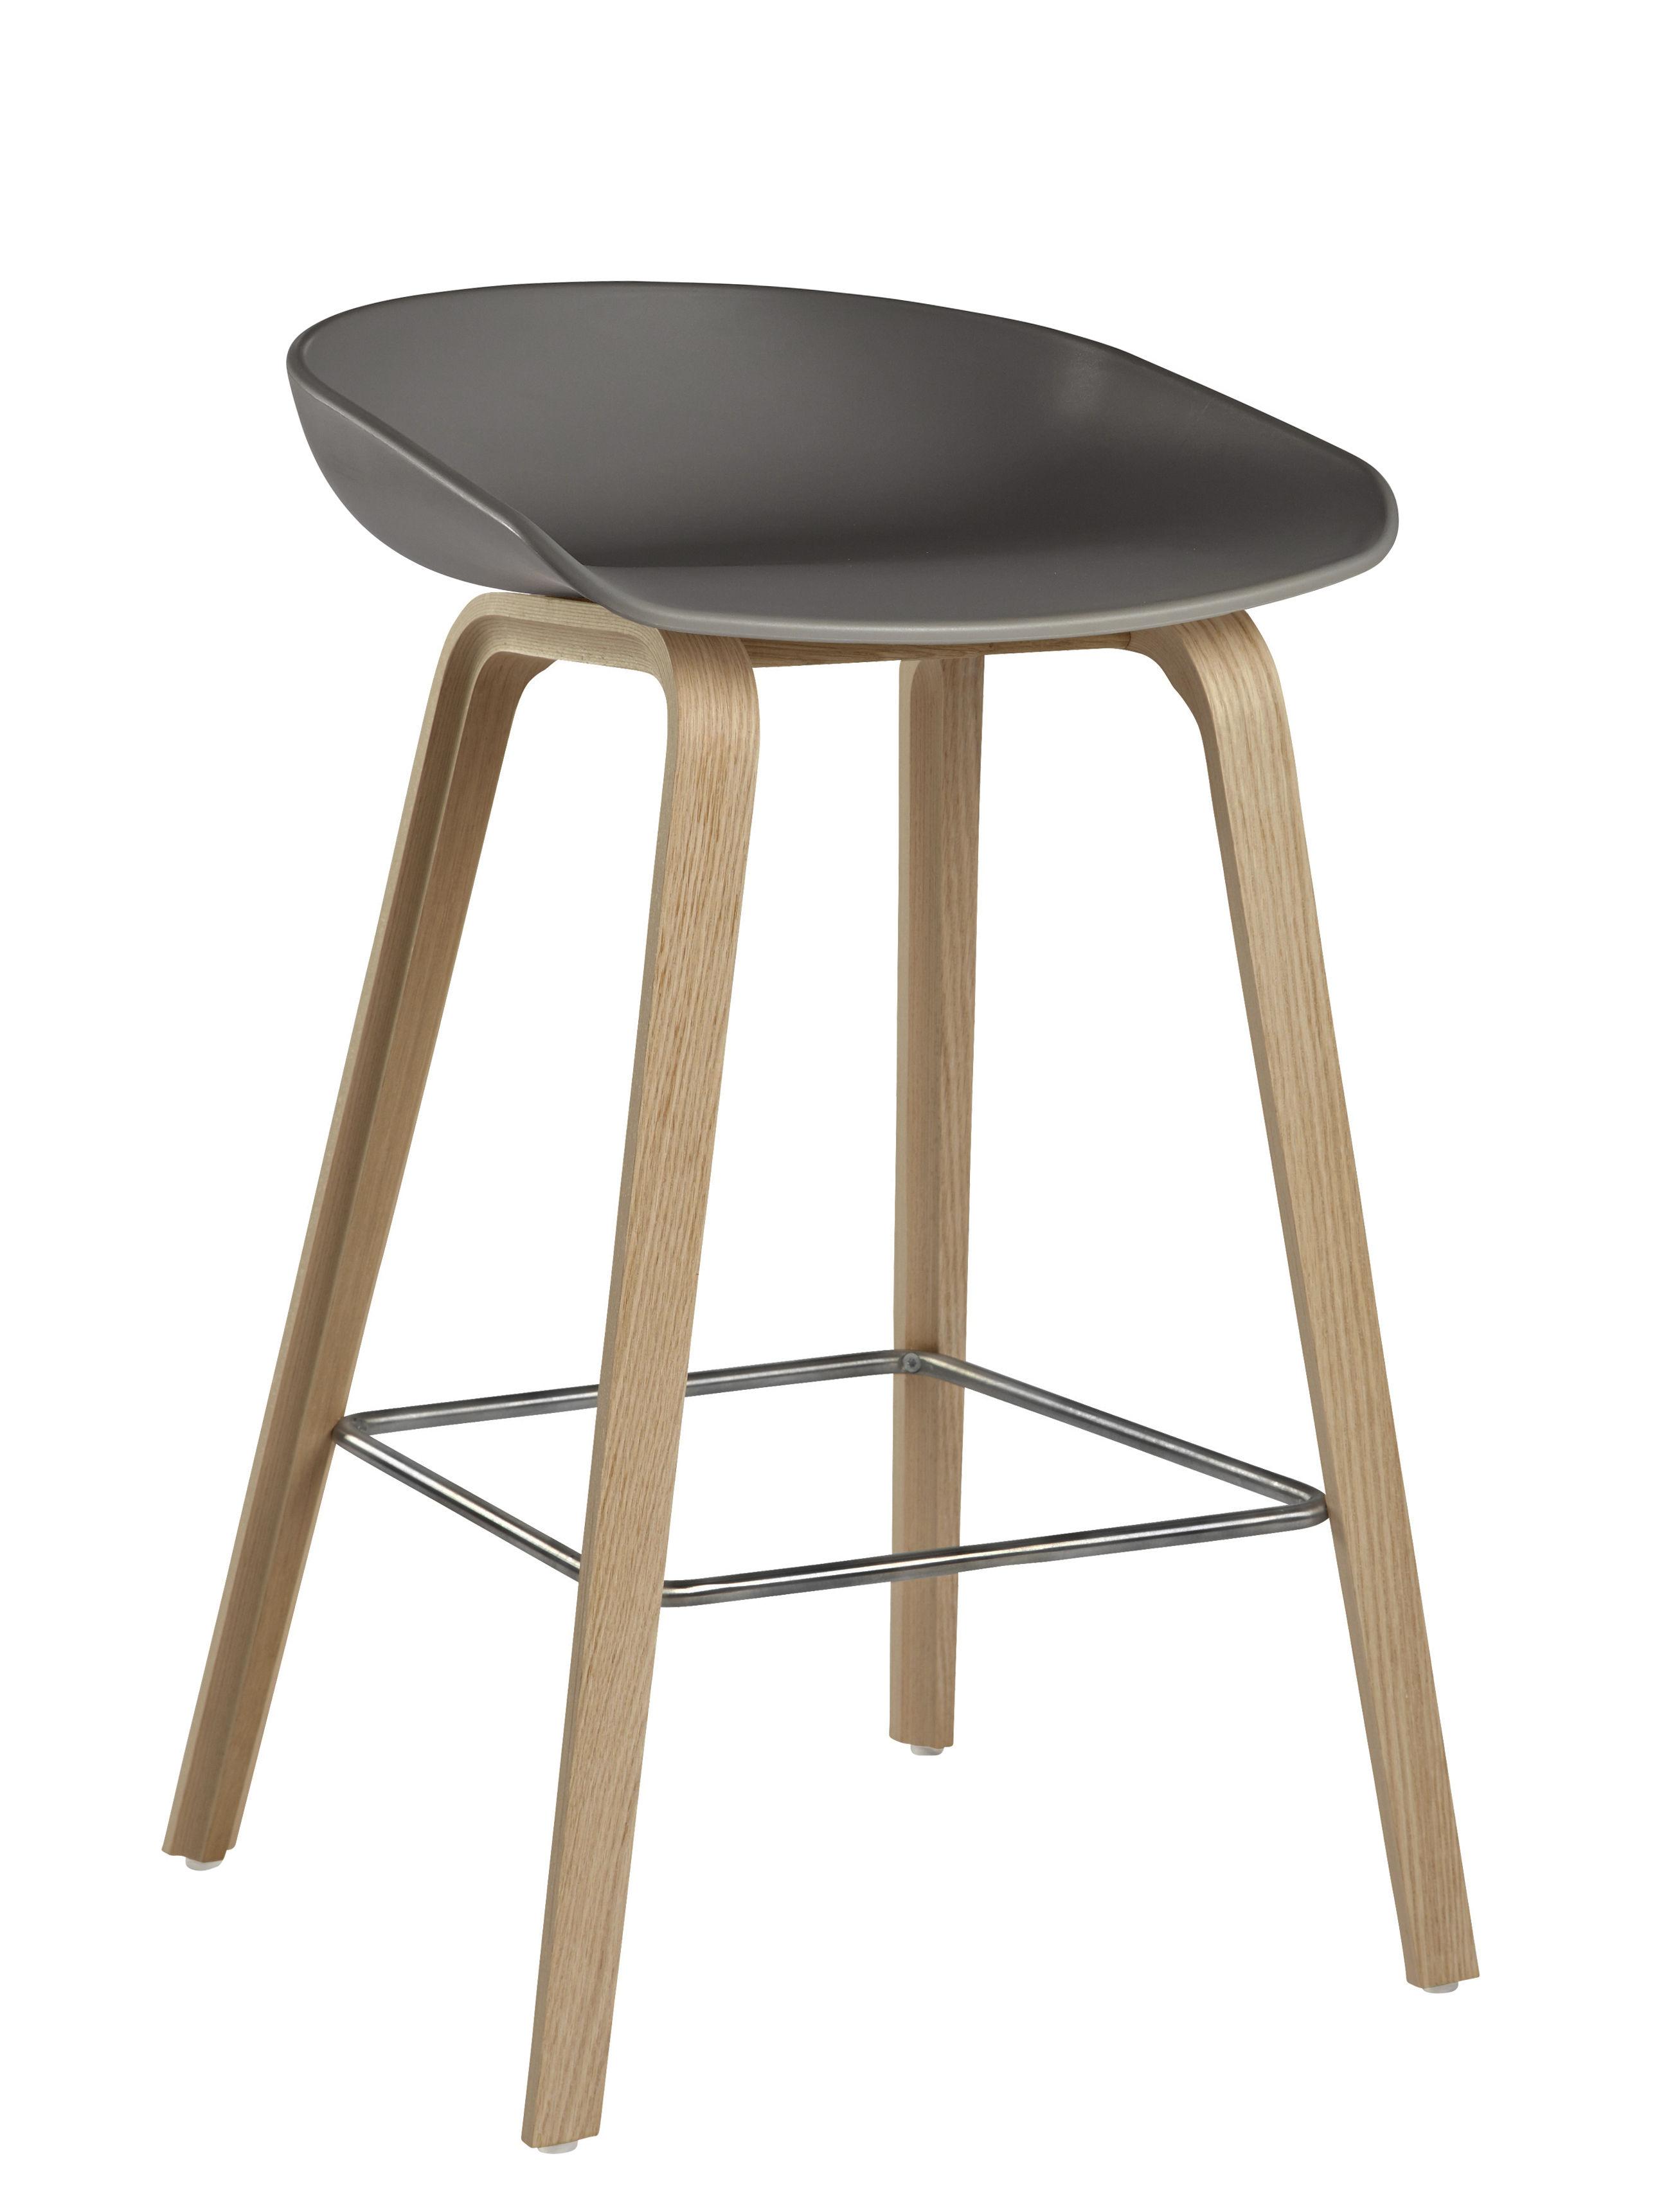 Mobilier - Tabourets de bar - Tabouret de bar About a stool AAS 32 / H 65 cm - Plastique & pieds bois - Hay - Gris / Pieds bois naturel - Chêne, Polypropylène